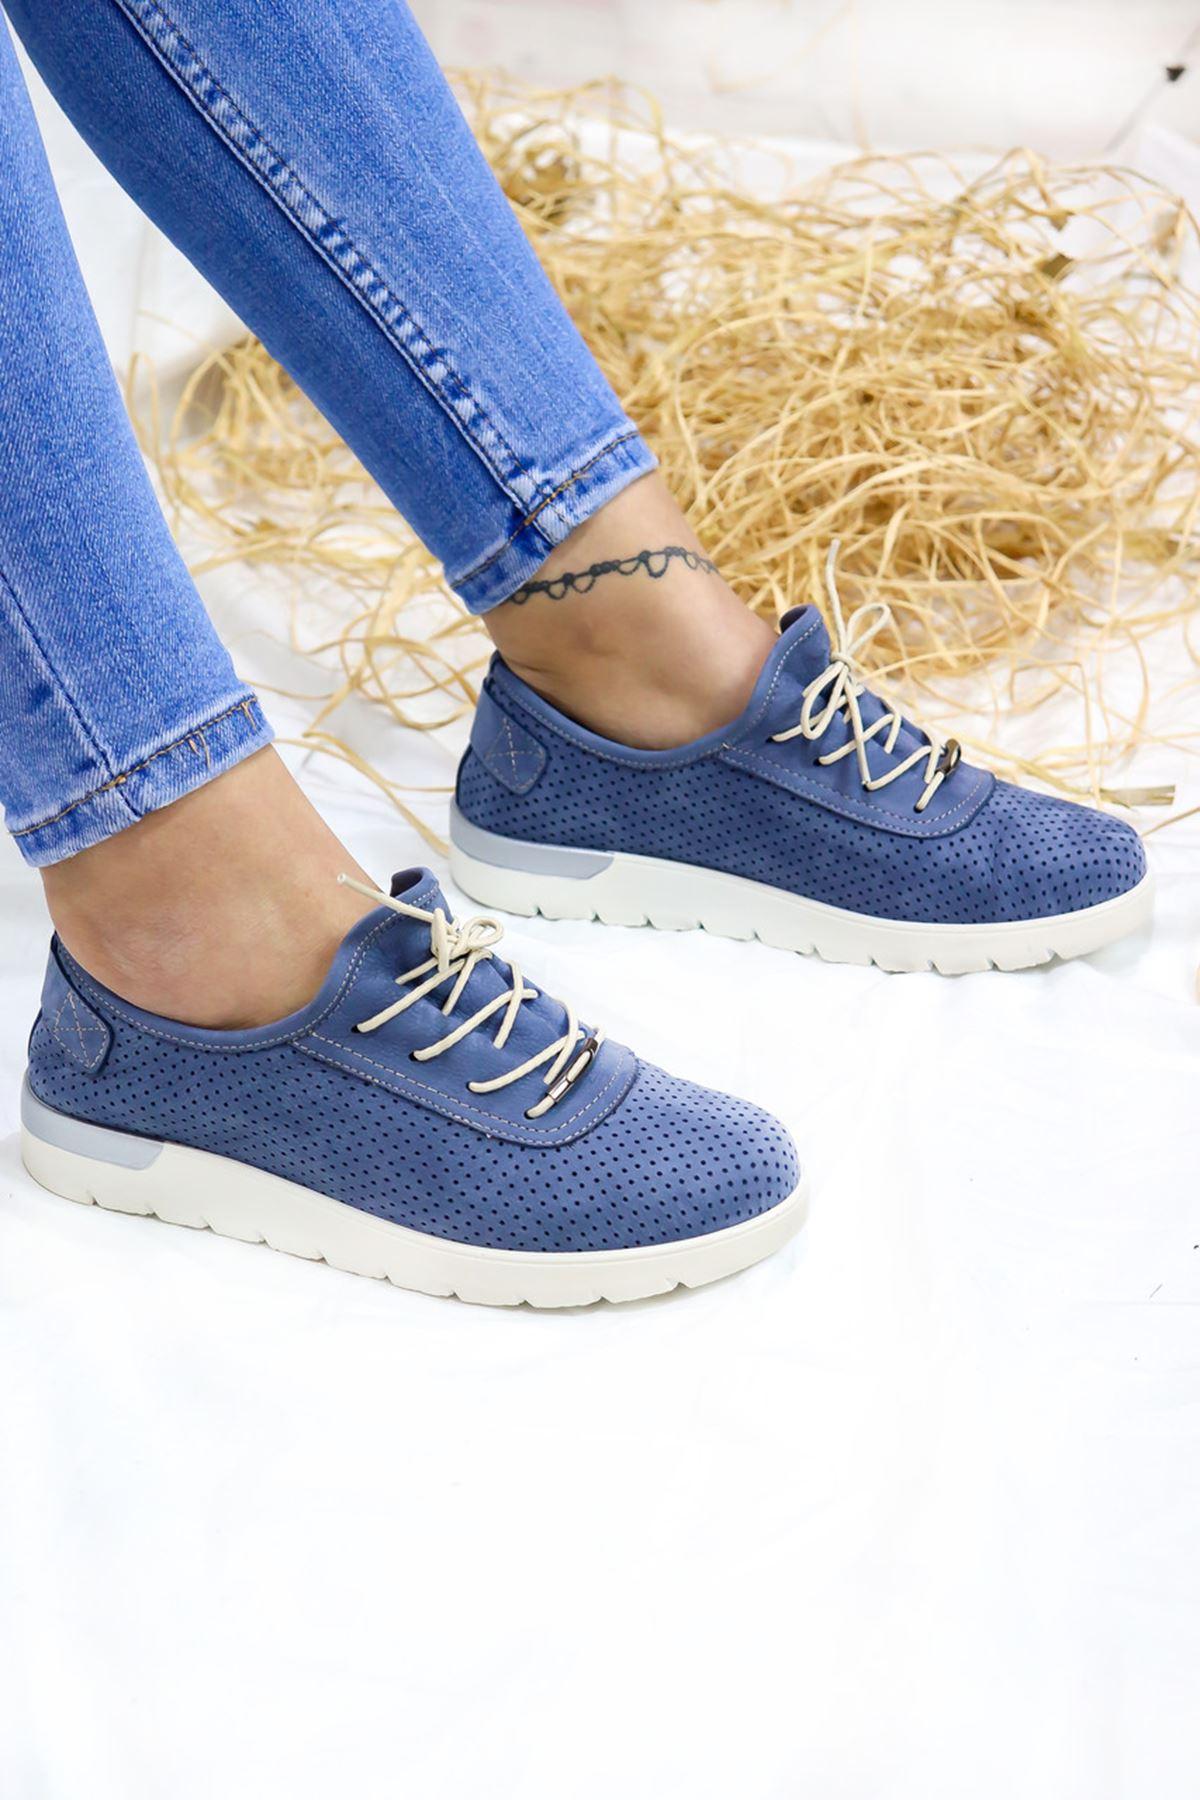 Trendayakkabı - 216 CMF - Mavi Nubuk Kadın Ayakkabısı